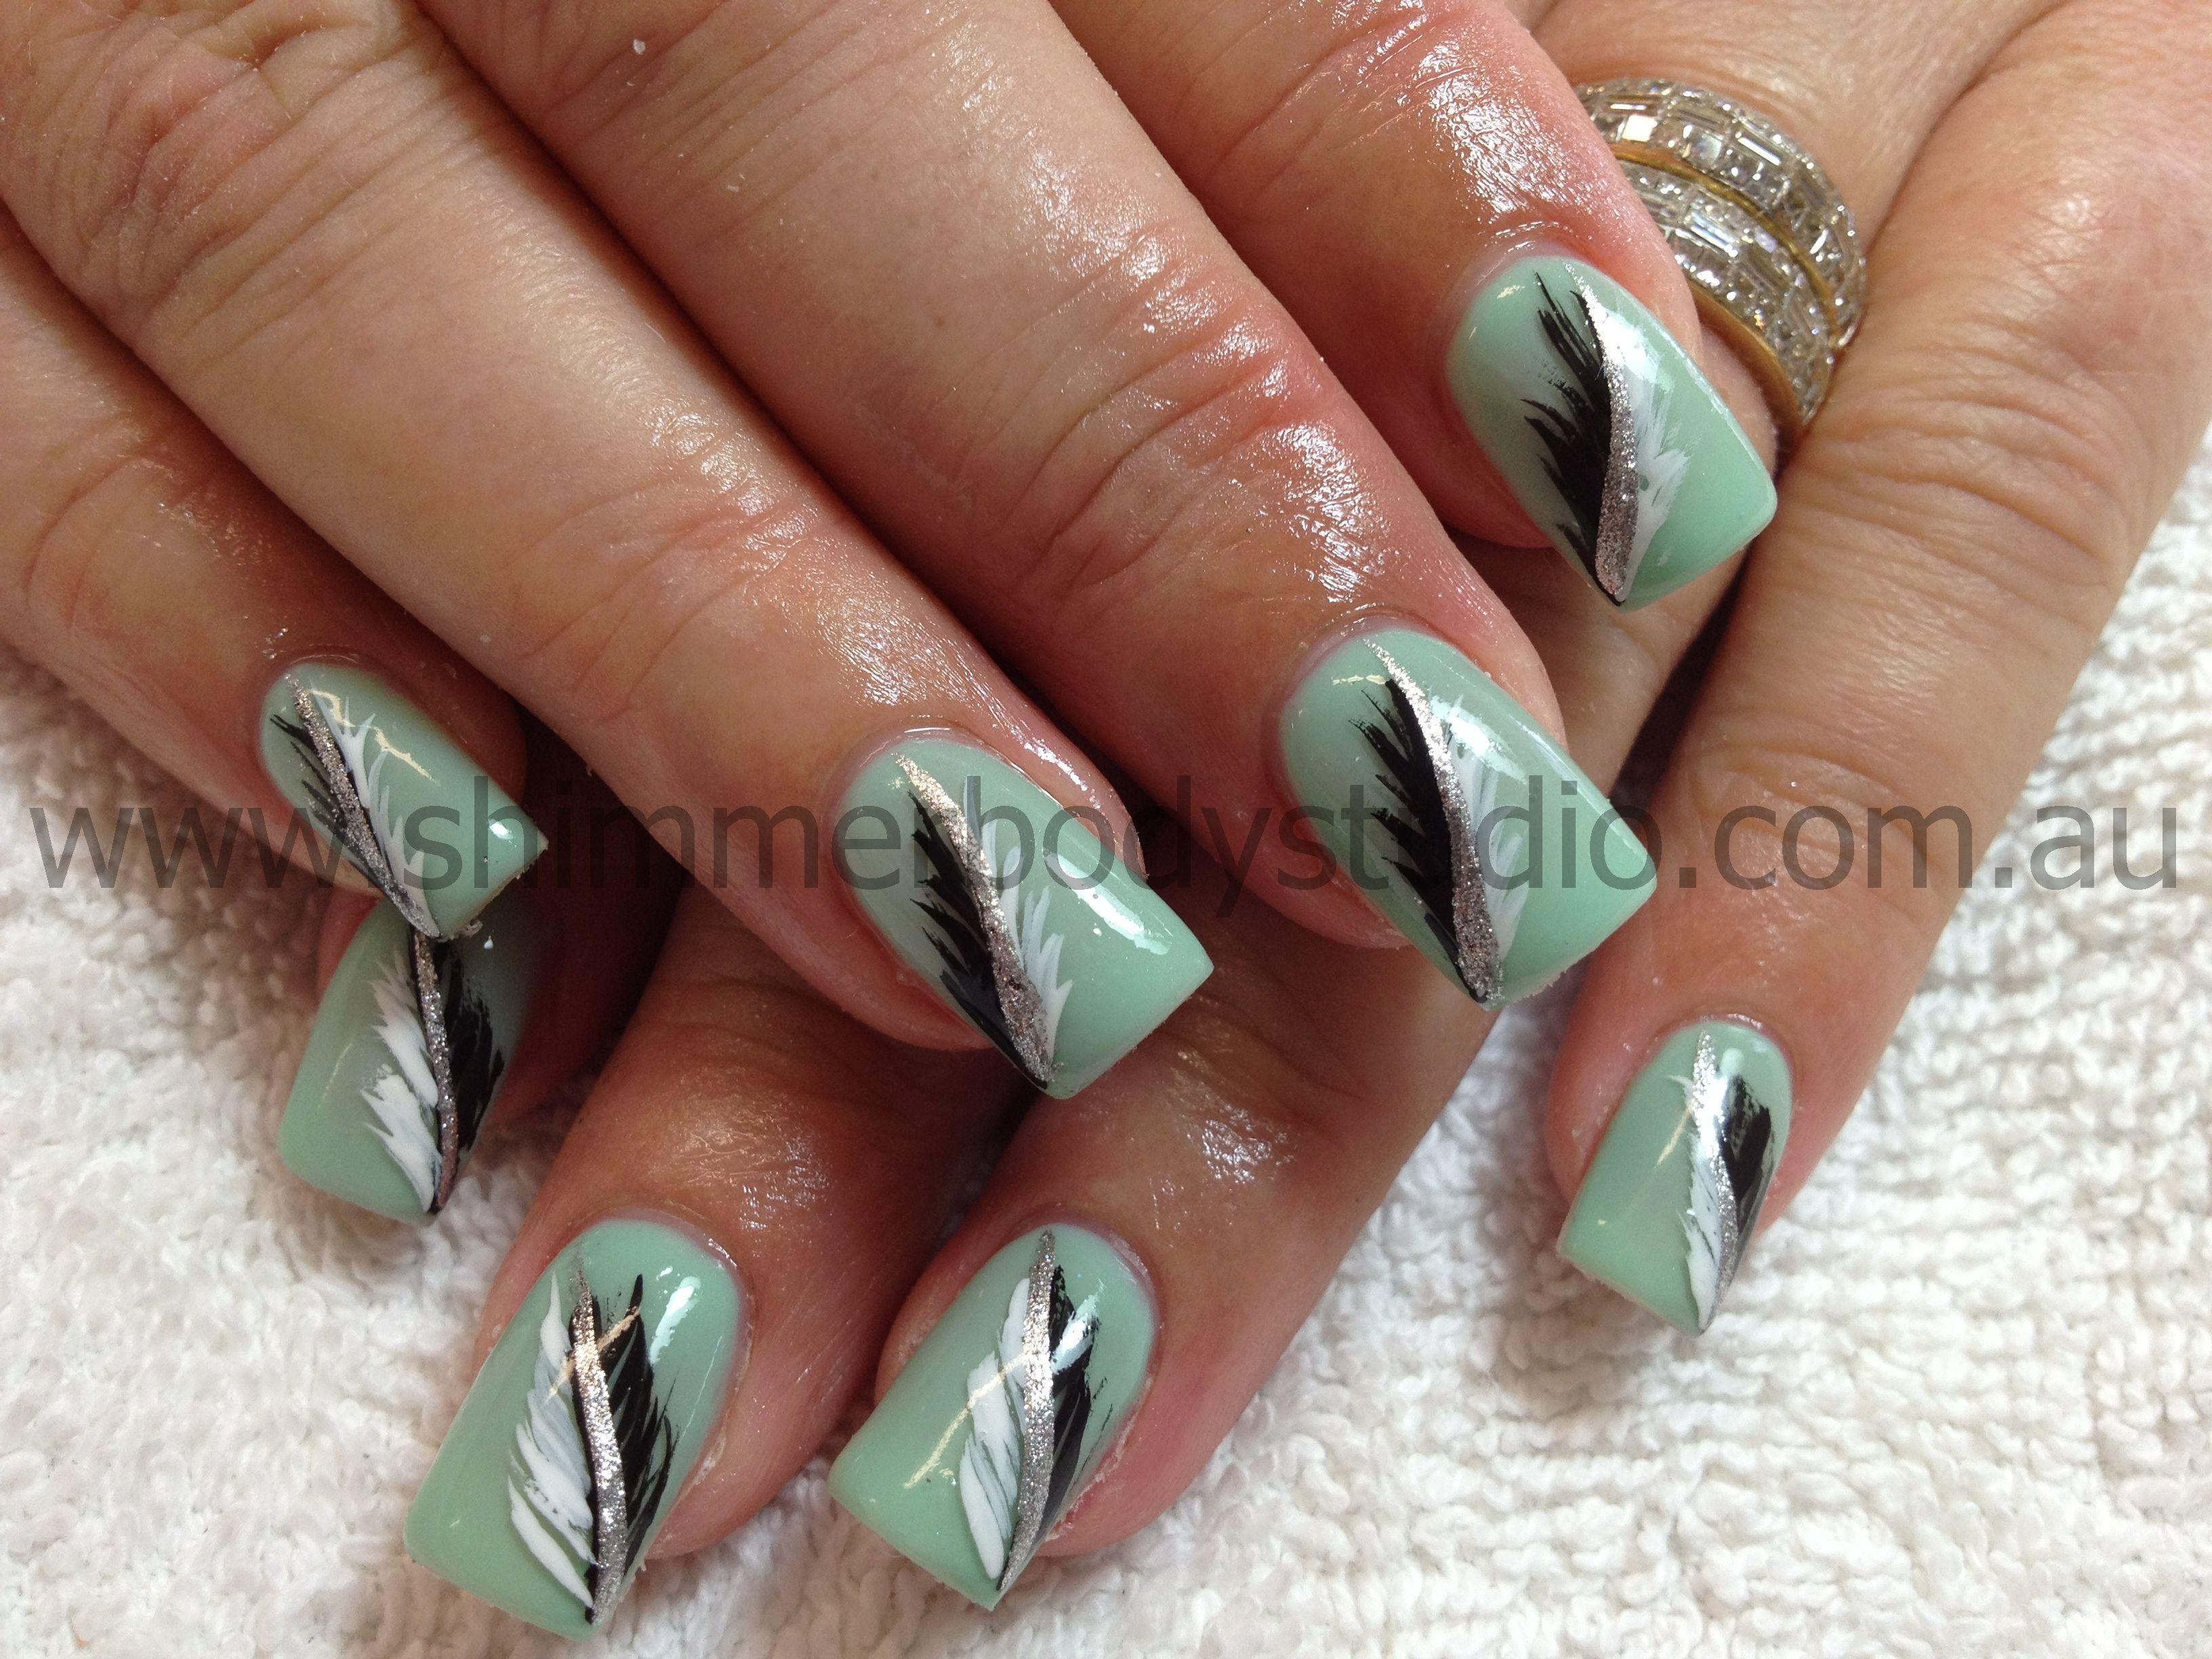 Gel Nails Hand Painted Nail Art Feather Nail Art By Shimmer Body Studio Feather Nail Art Nail Art Nail Art Studio